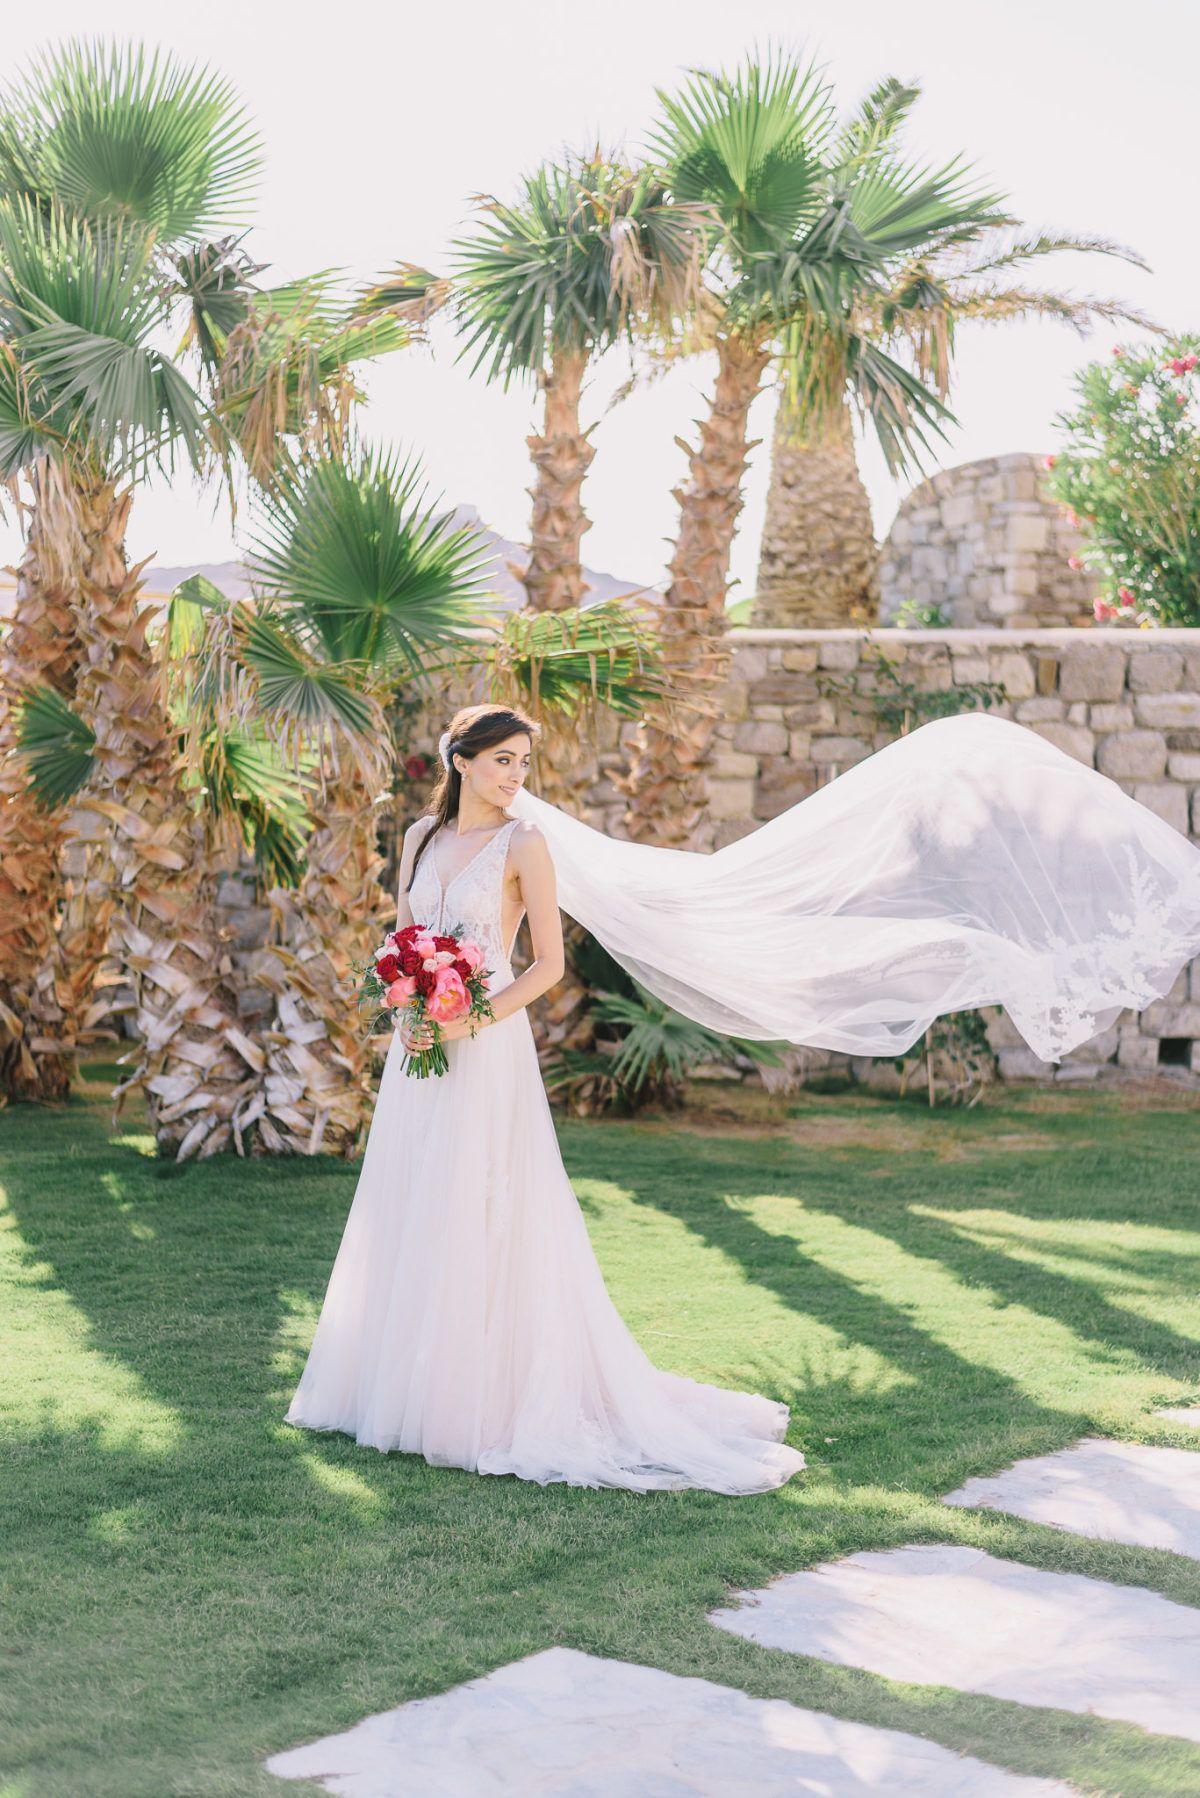 A Luxury Multicultural Wedding At Santa Marina Resort Villas In Mykonos Multicultural Wedding Marina Resort Mykonos Wedding [ 1798 x 1200 Pixel ]